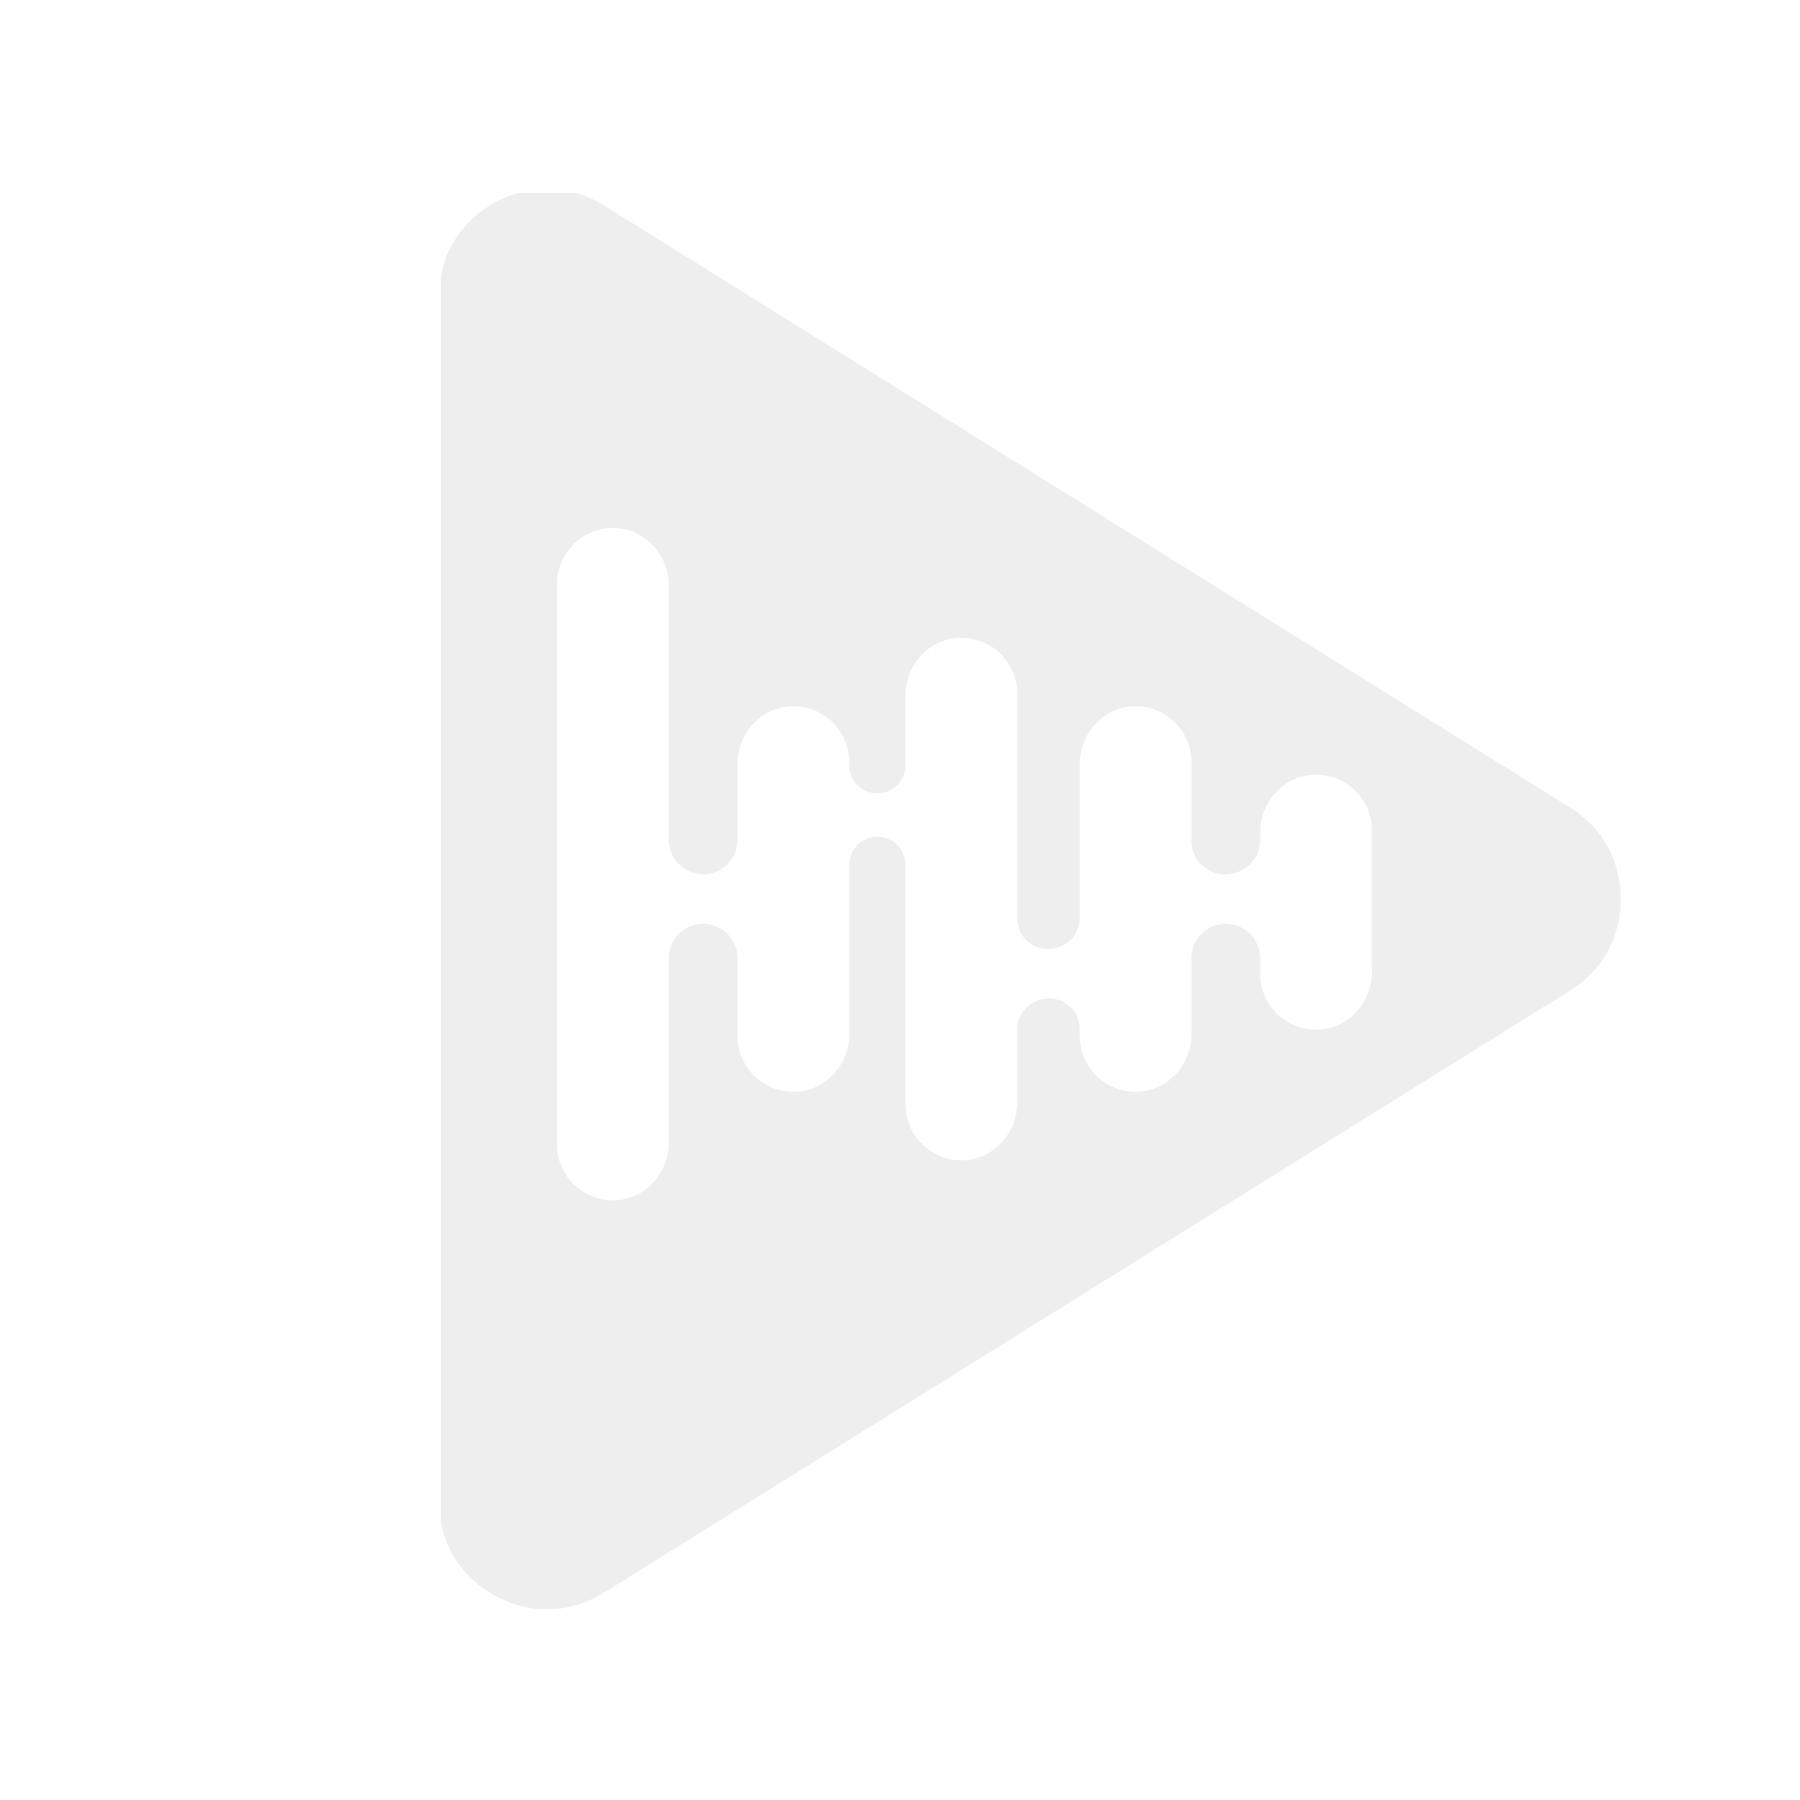 Grandview 148502 - Fjernkontroll kit RF - Rele og RS232 styring